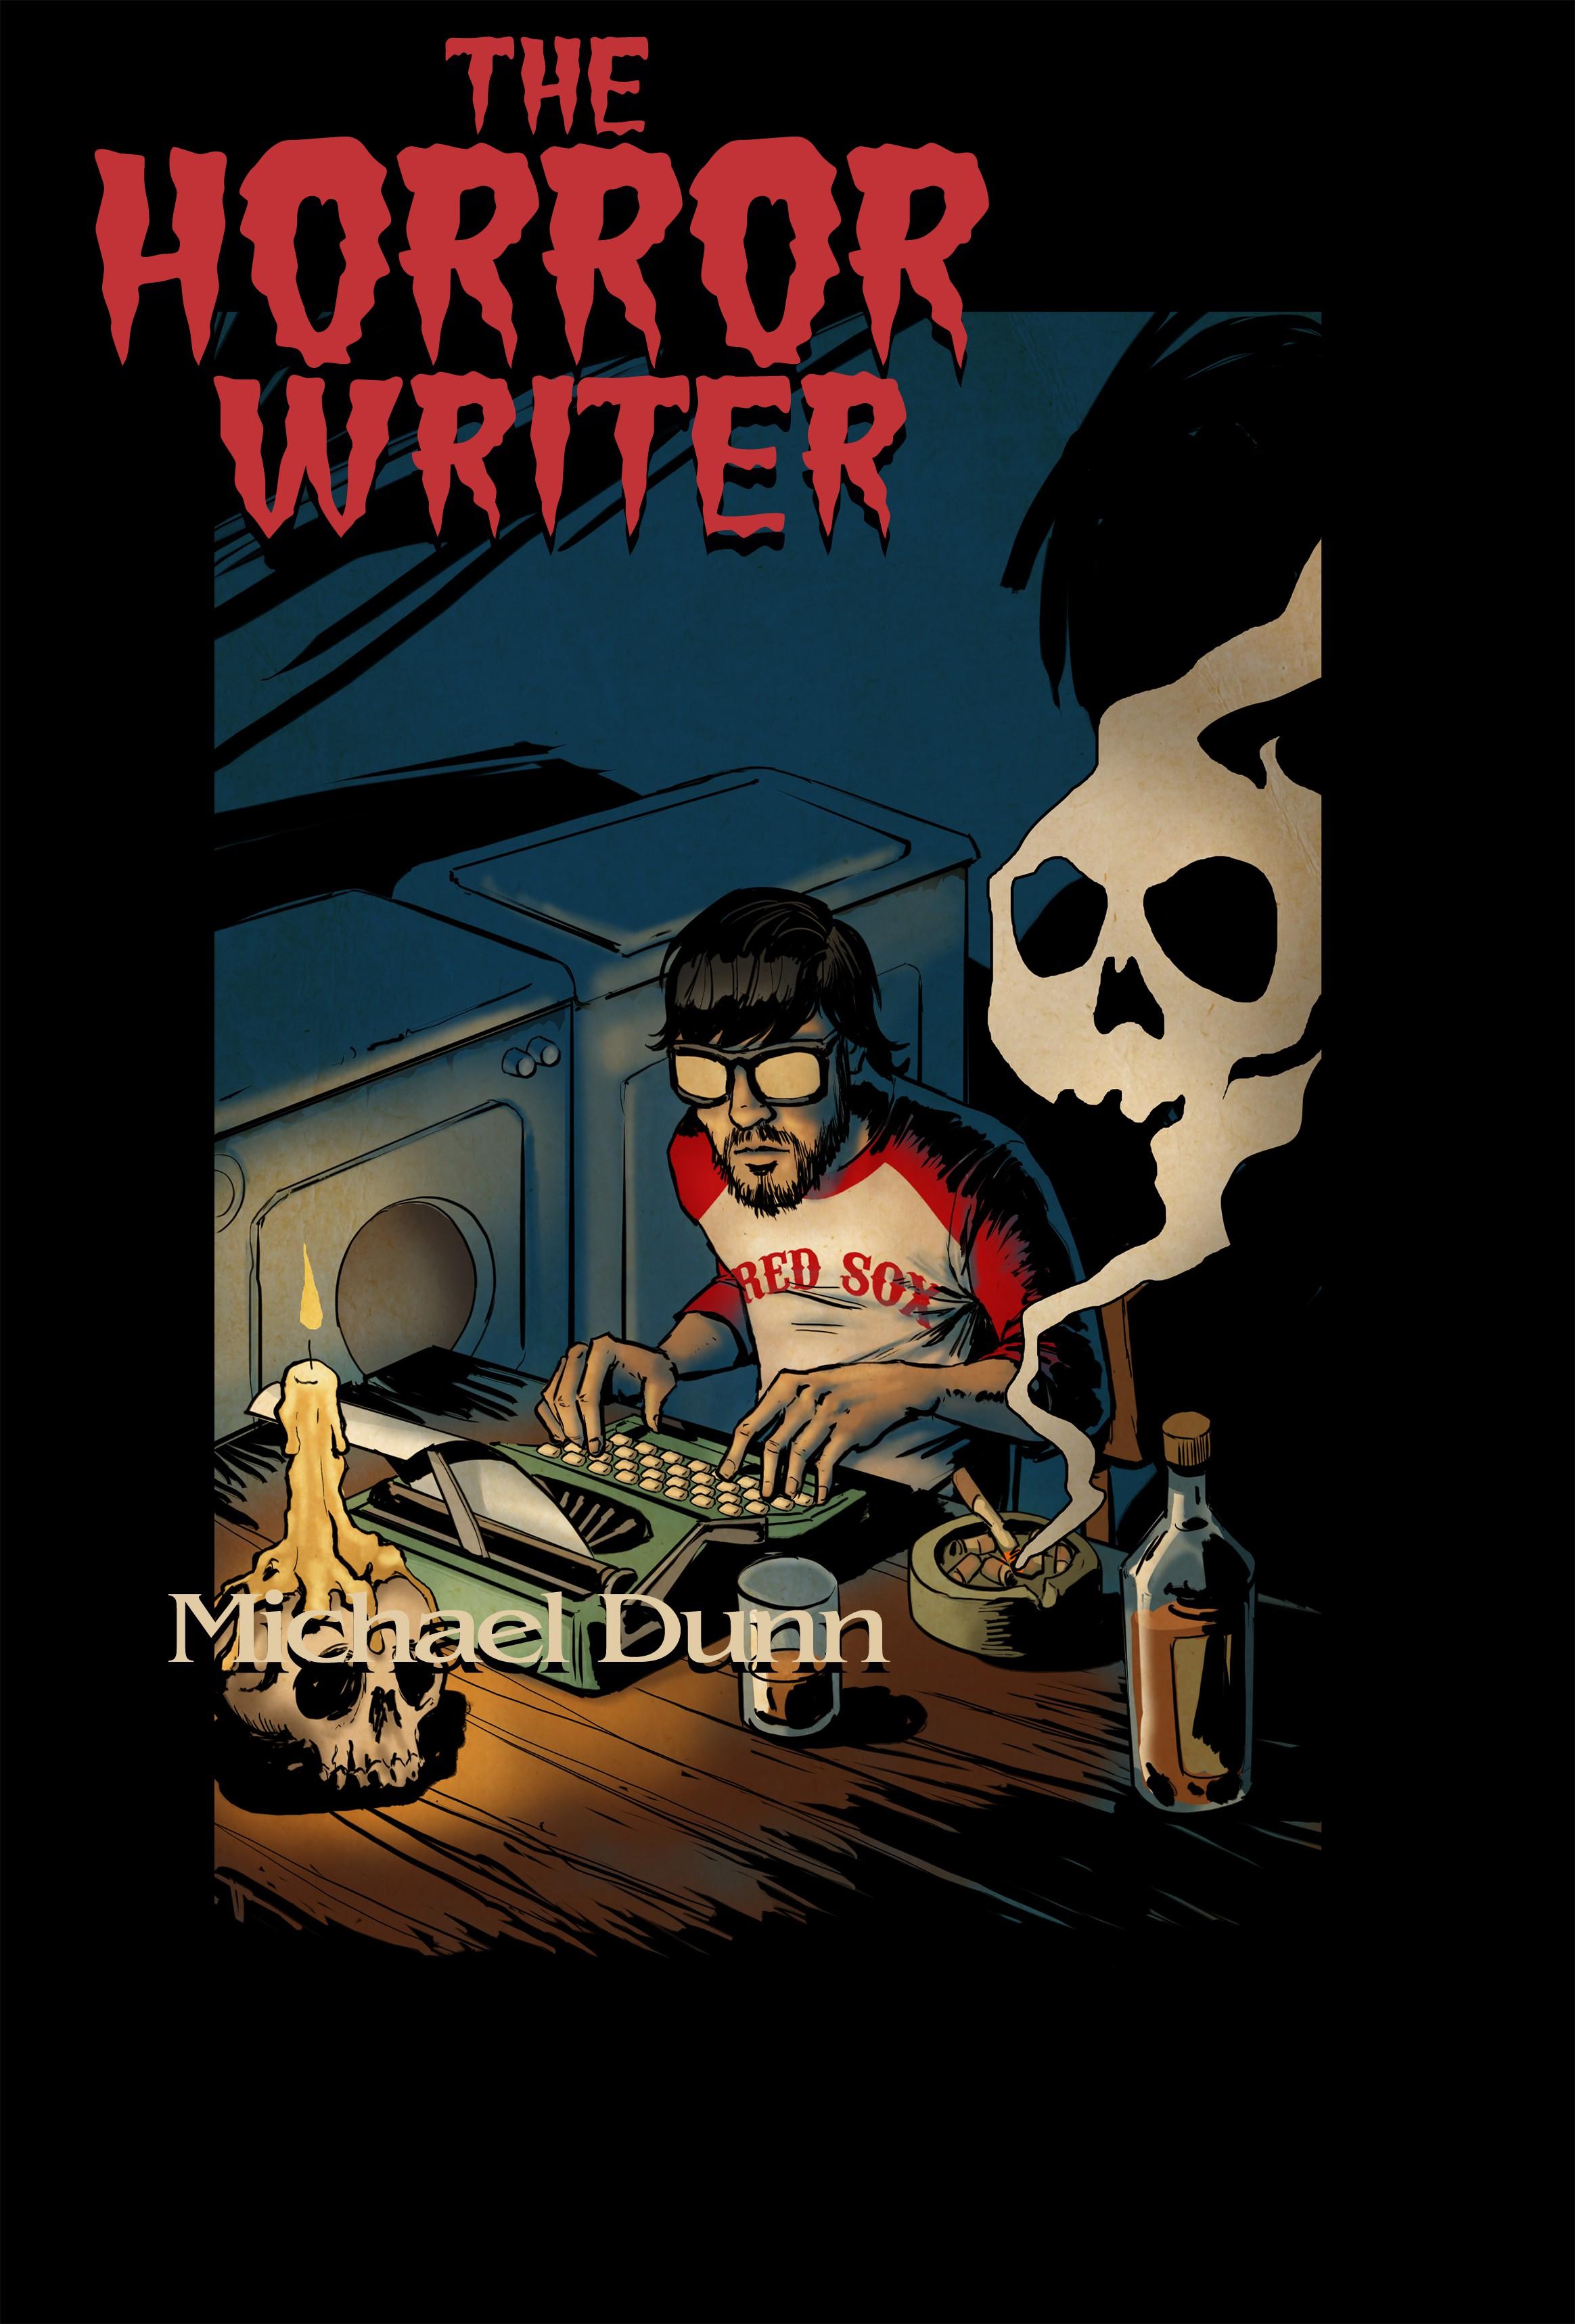 The Horror Writer novel cover